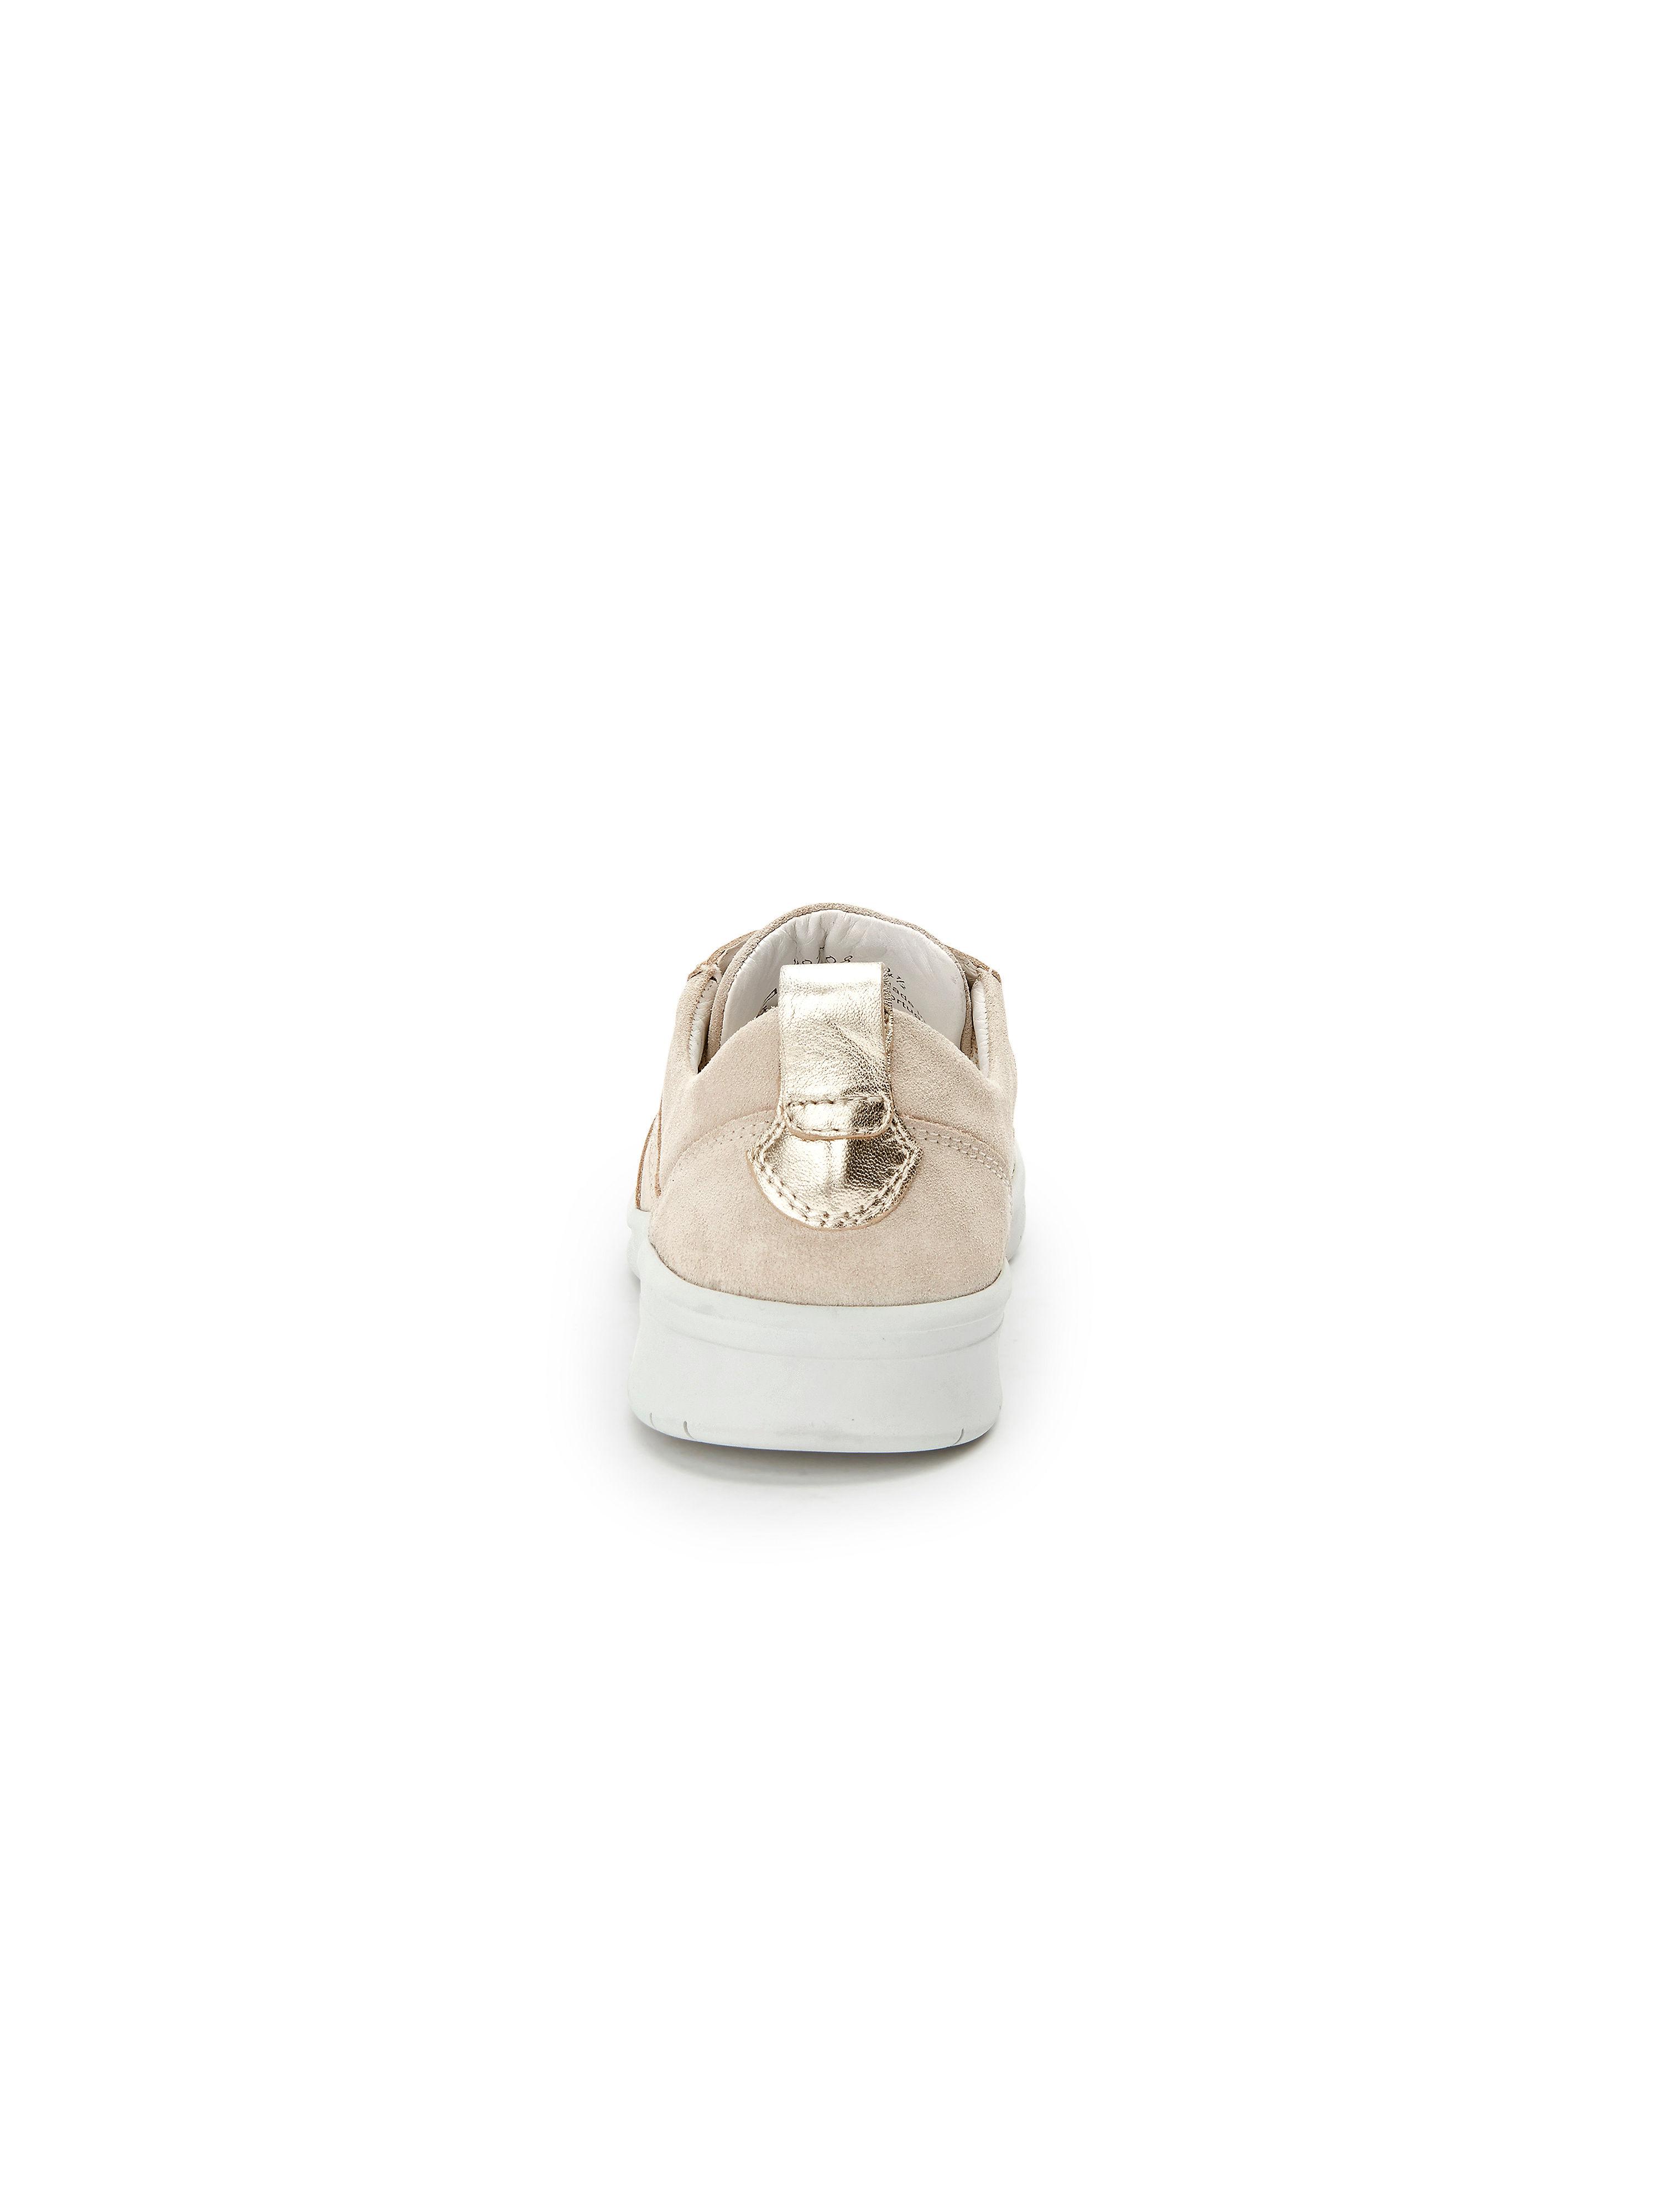 Sioux - Gute Sneaker Liduma aus 100% Leder - Sand Gute - Qualität beliebte Schuhe e43ee7